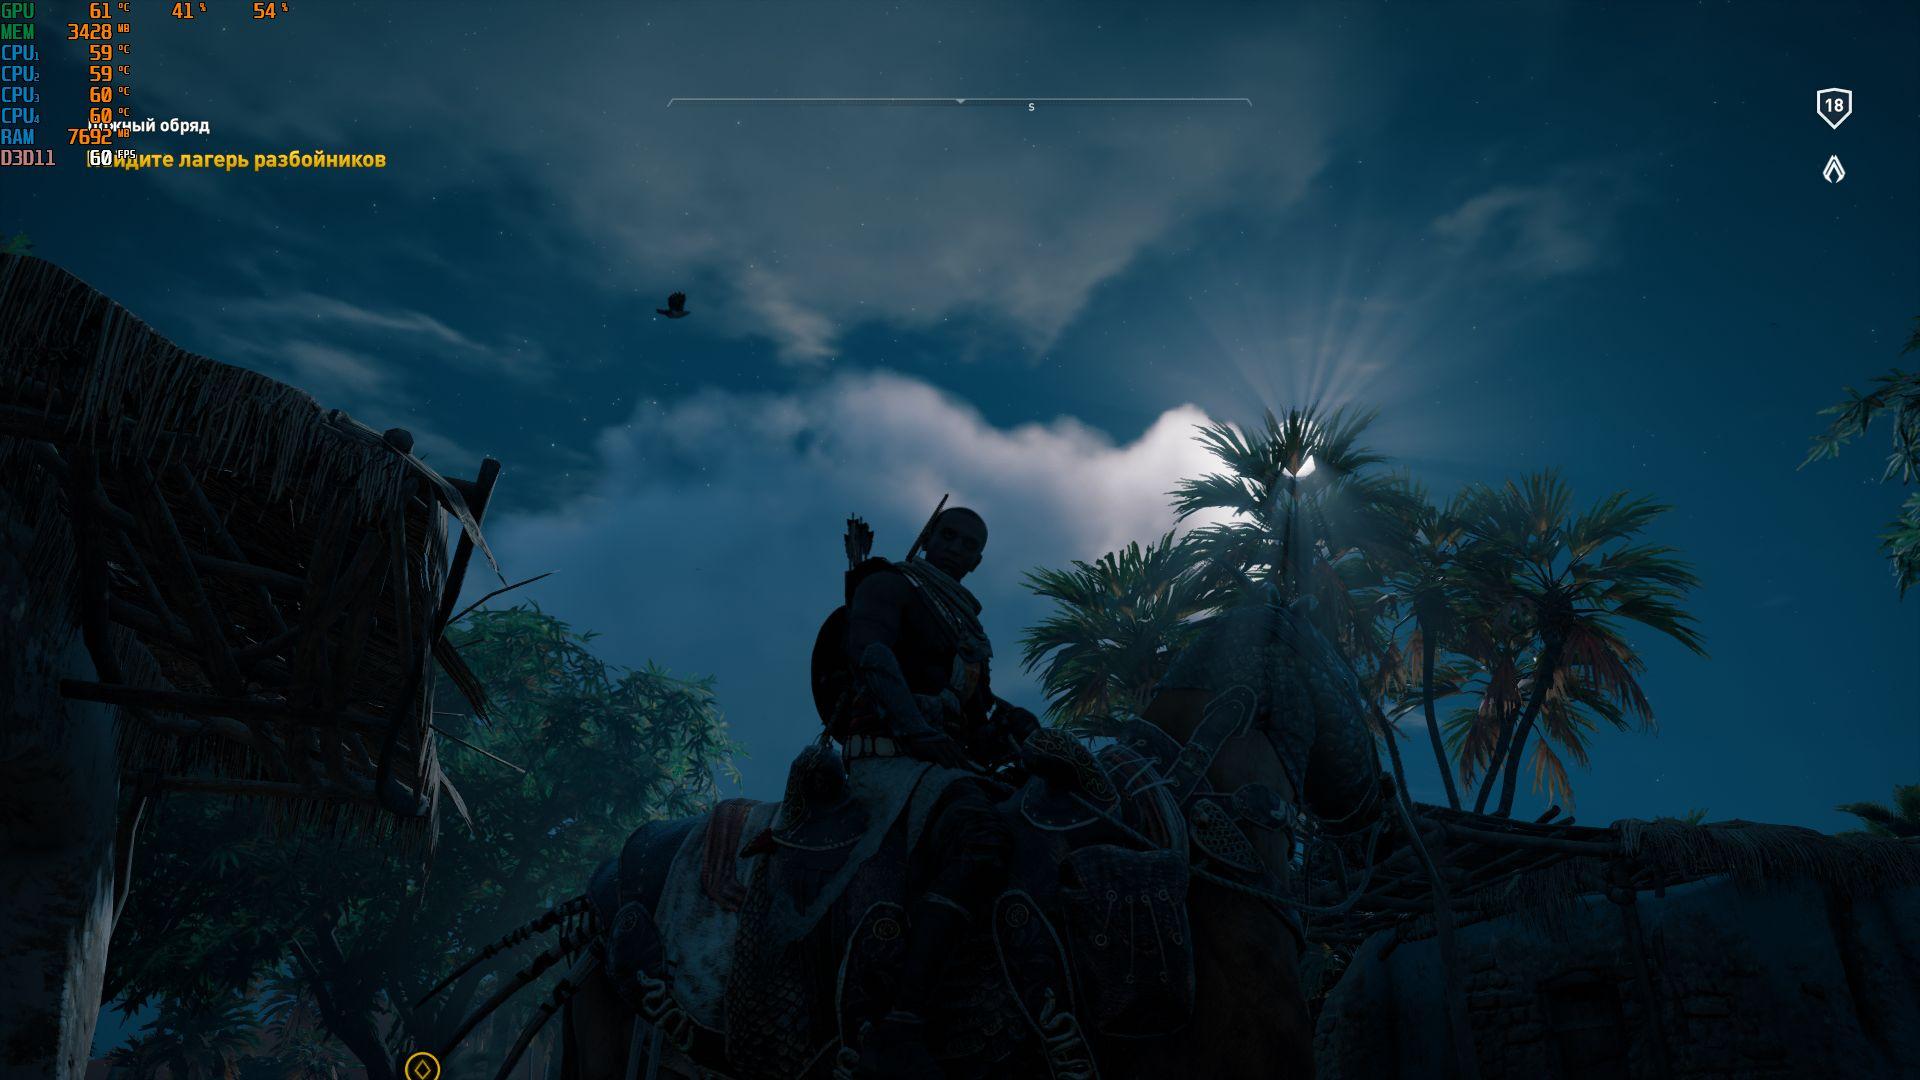 00056.Jpg - Assassin's Creed: Origins